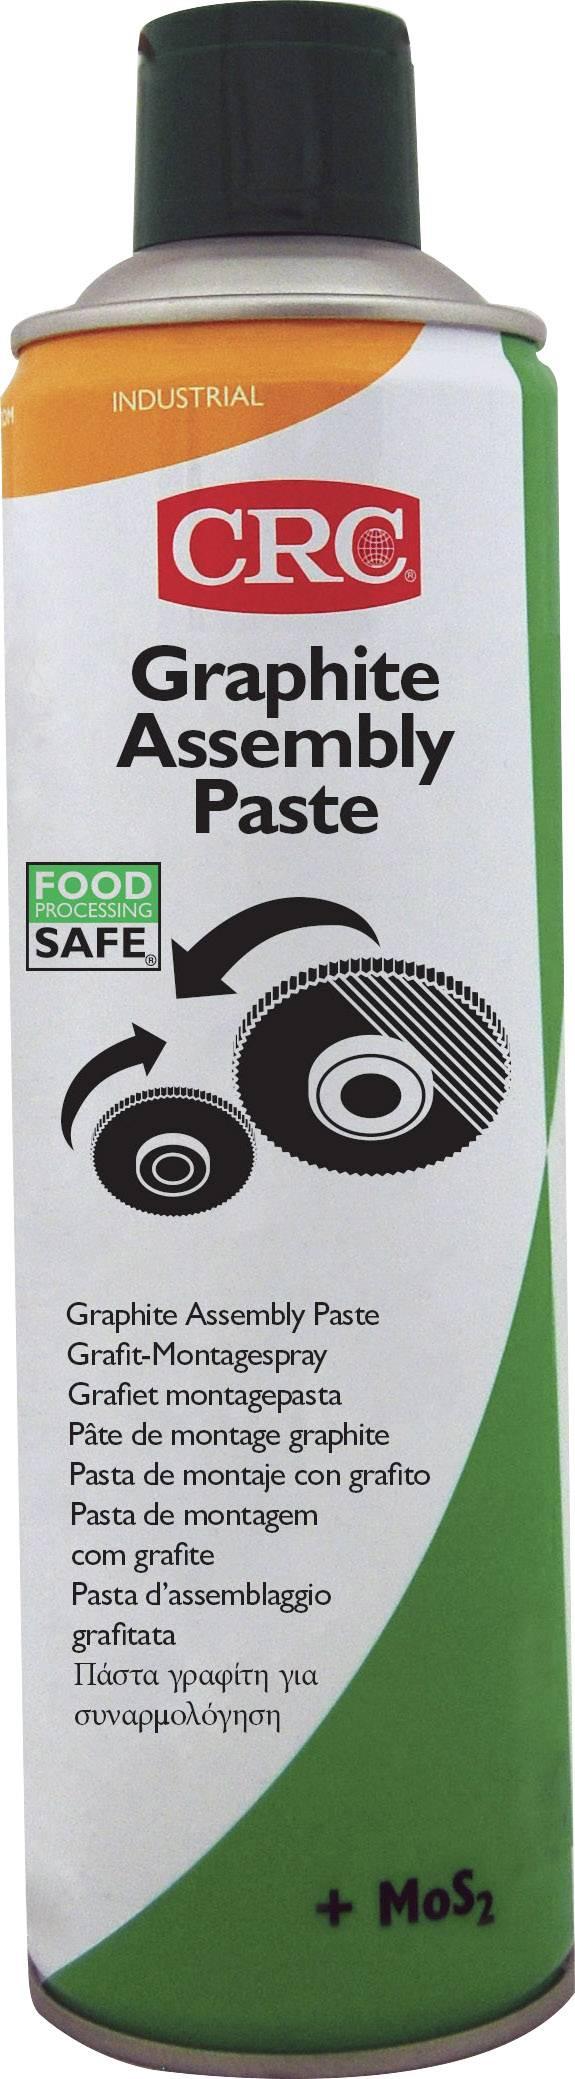 Montážní sprej GRAPHITE ASSEMBLY PASTE CRC, GRAFIT ASSEMBLY PASTA 500ml, 32639-AA 500 ml